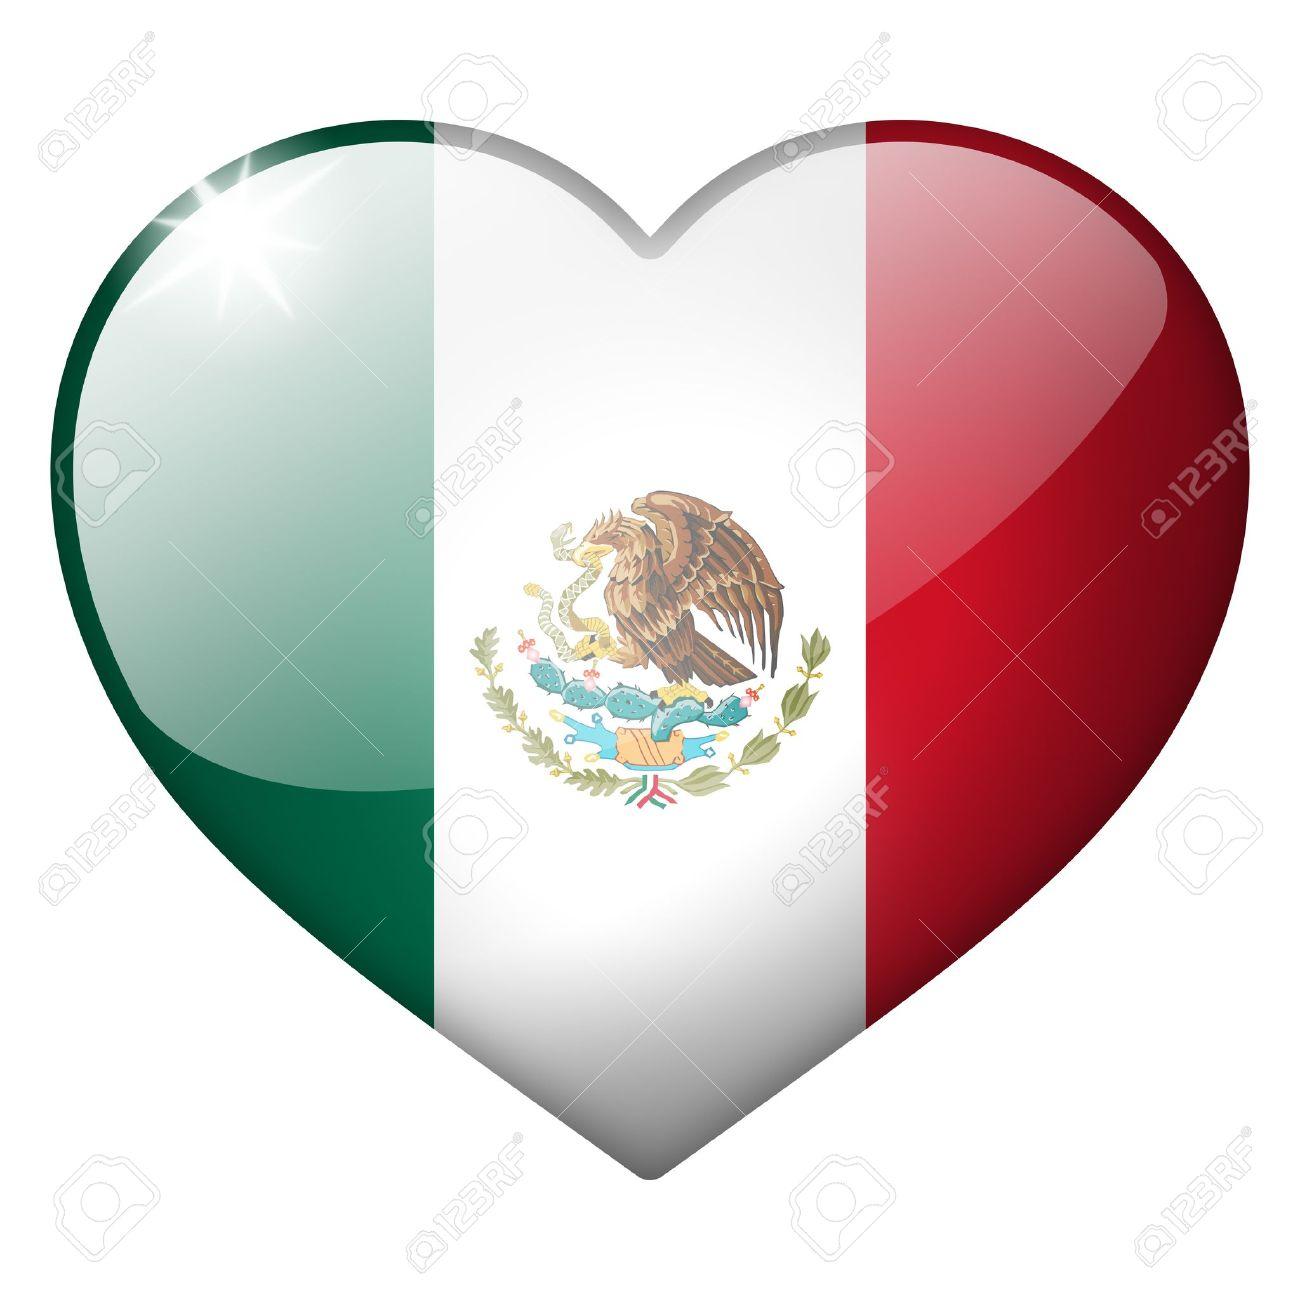 mexico heart button Stock Photo - 20981119